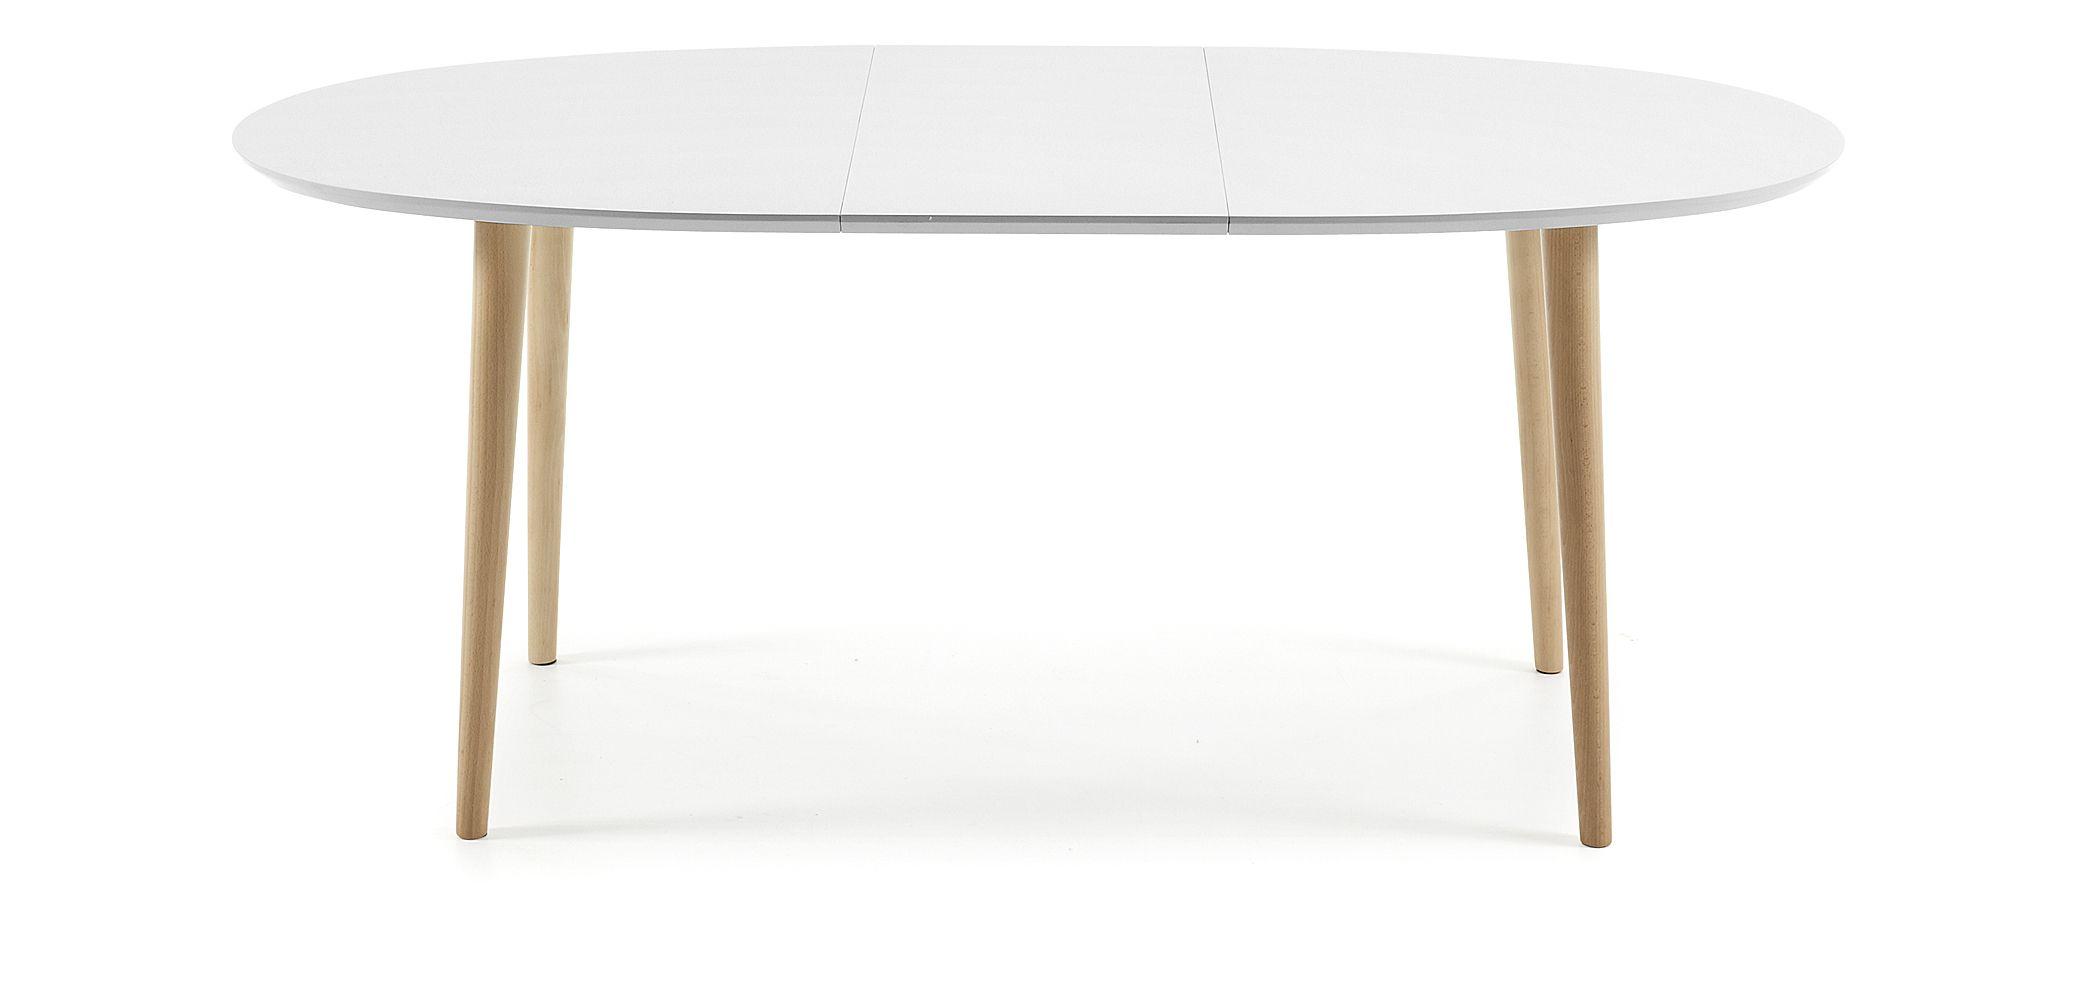 140 220 Extensible Et Oqui Naturel x90 Cm Table Blanc Ovale SMVqUpz